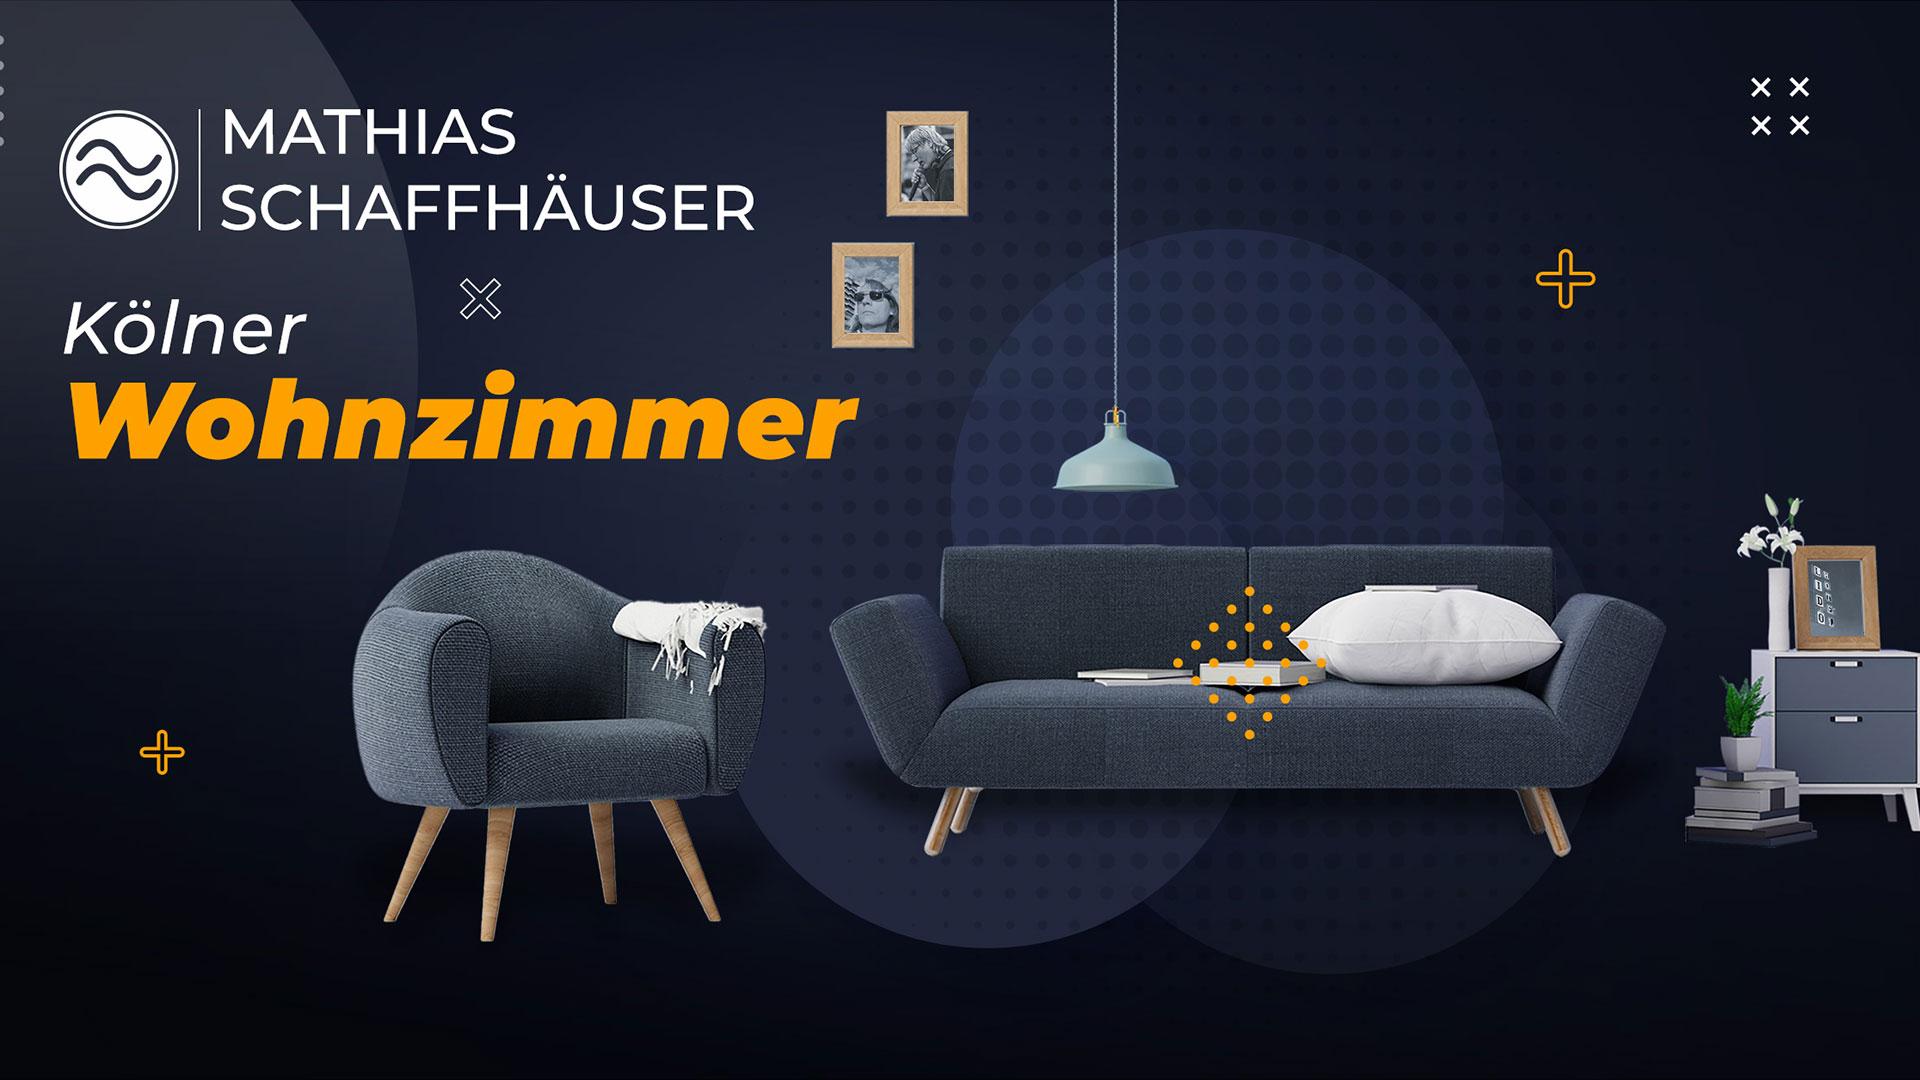 KÖLNER WOHNZIMMER mit MATHIAS SCHAFFHÄUSER